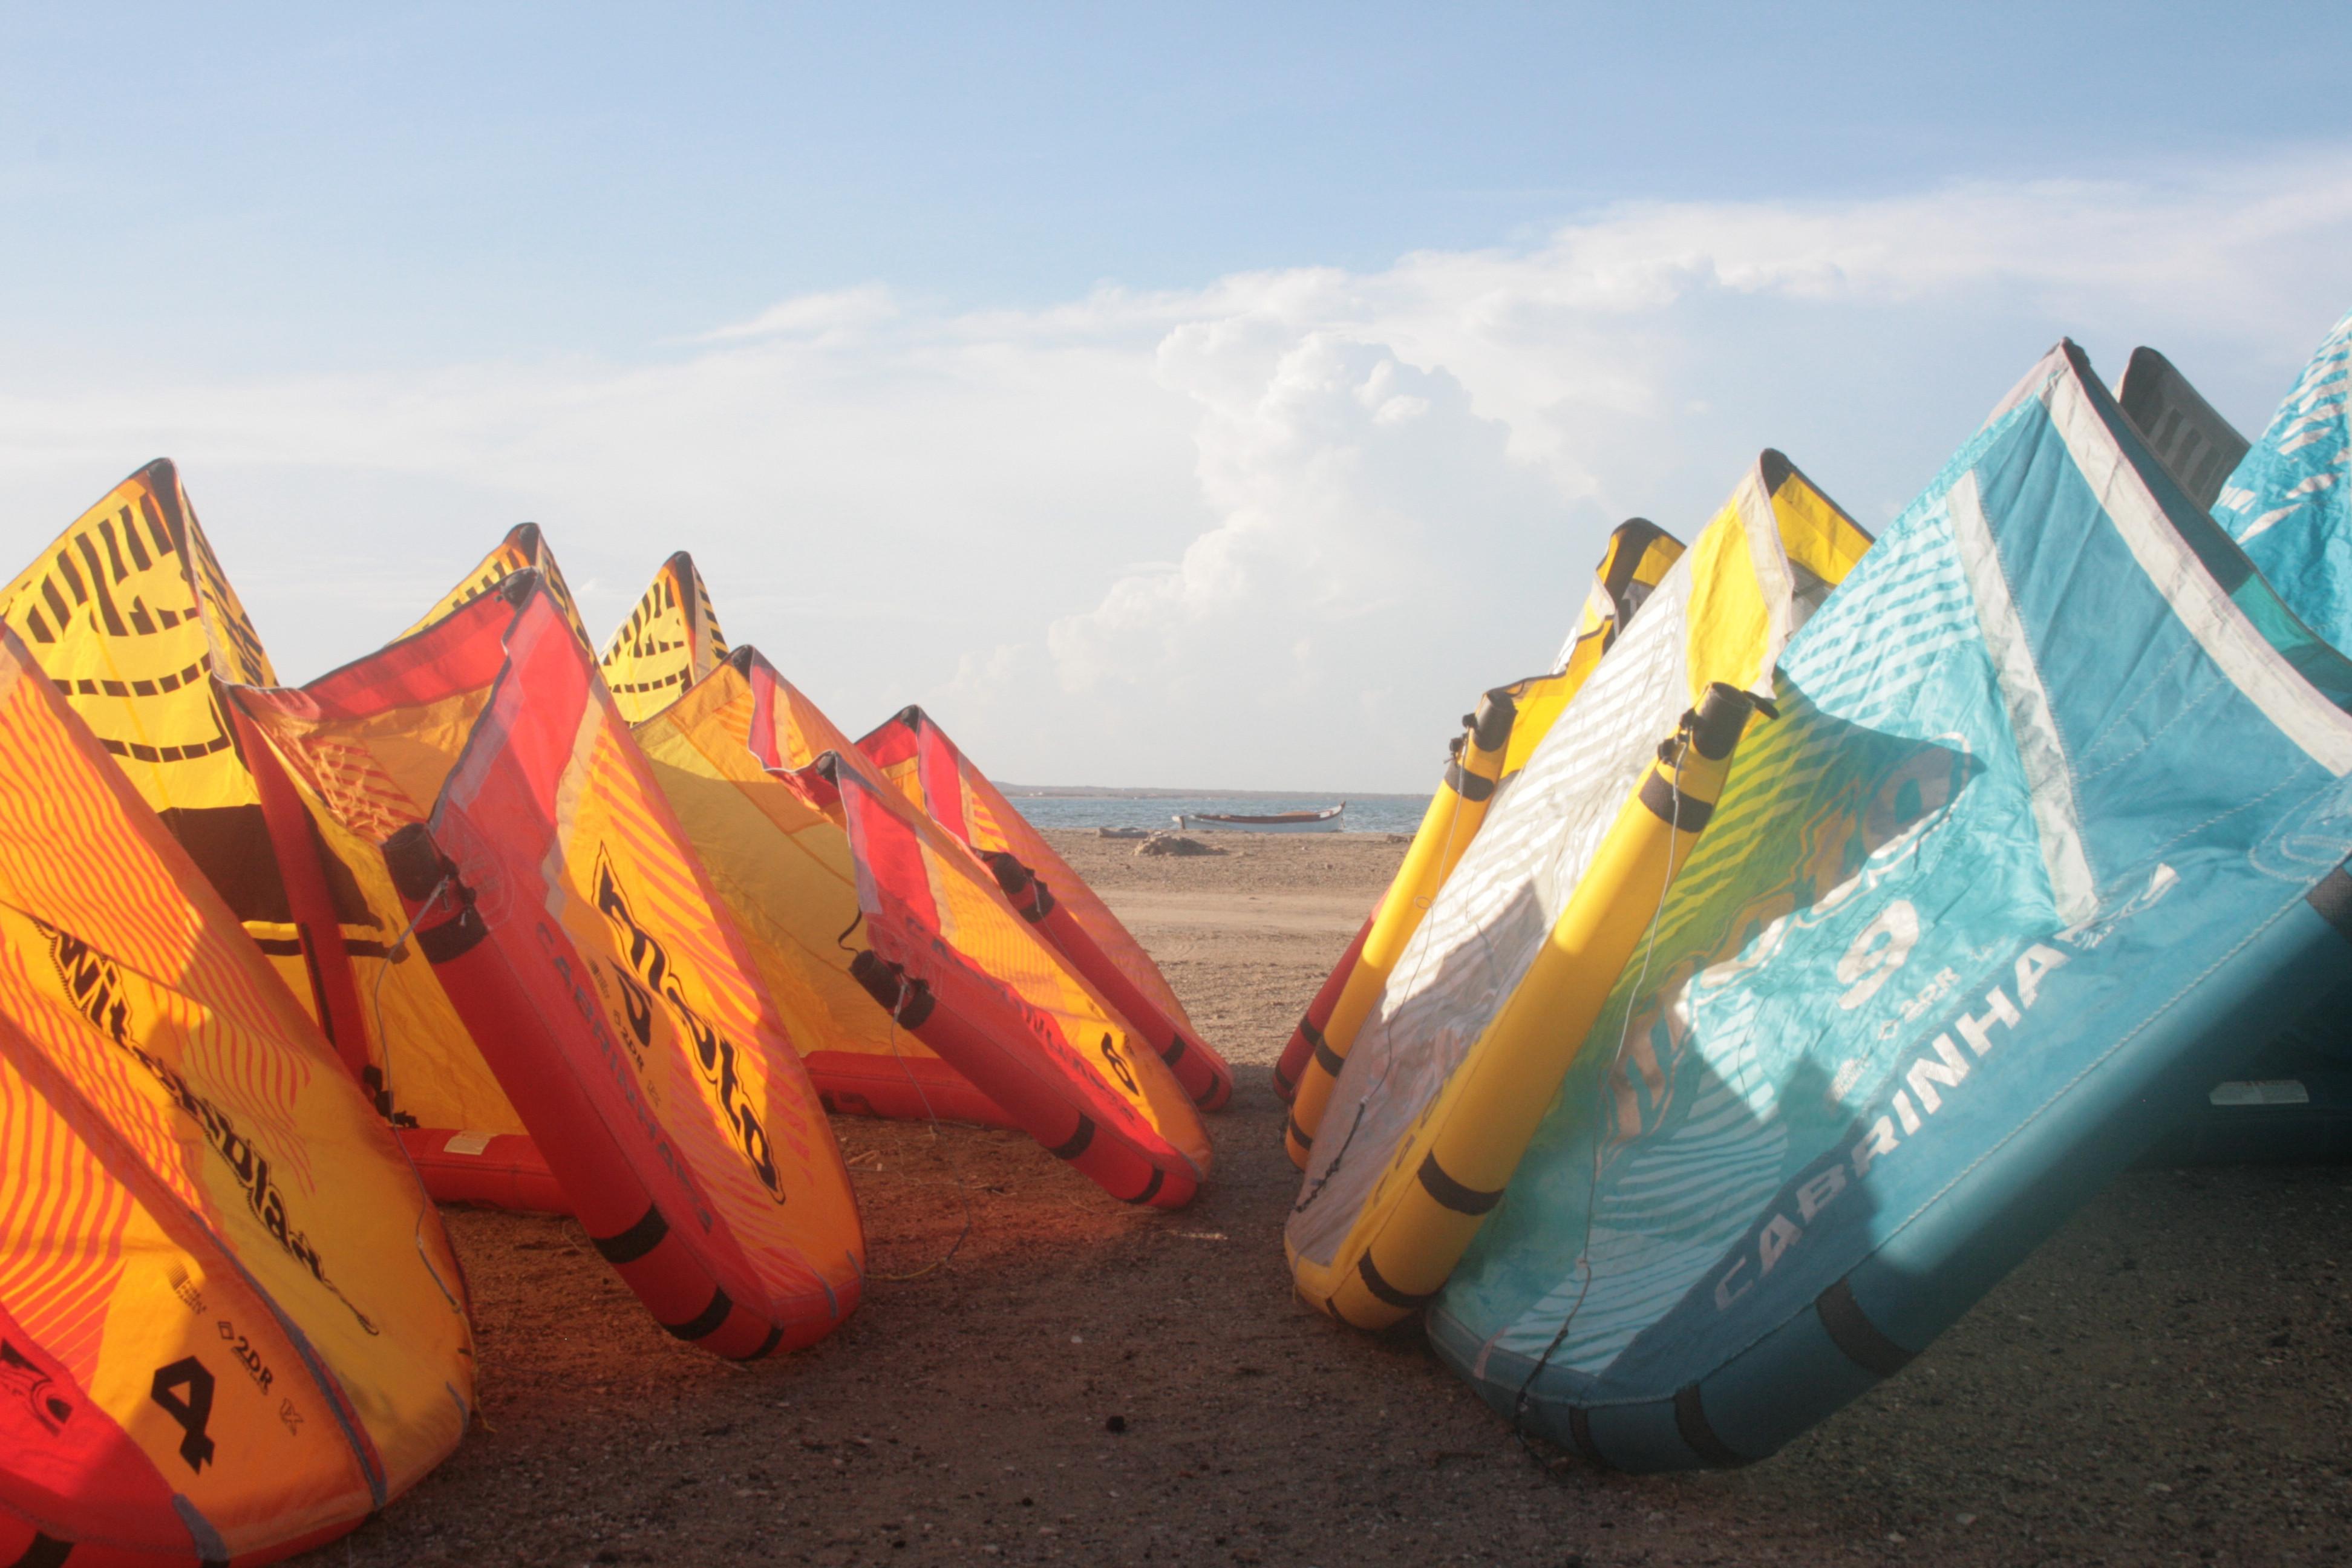 4h Kitesurfing lessons